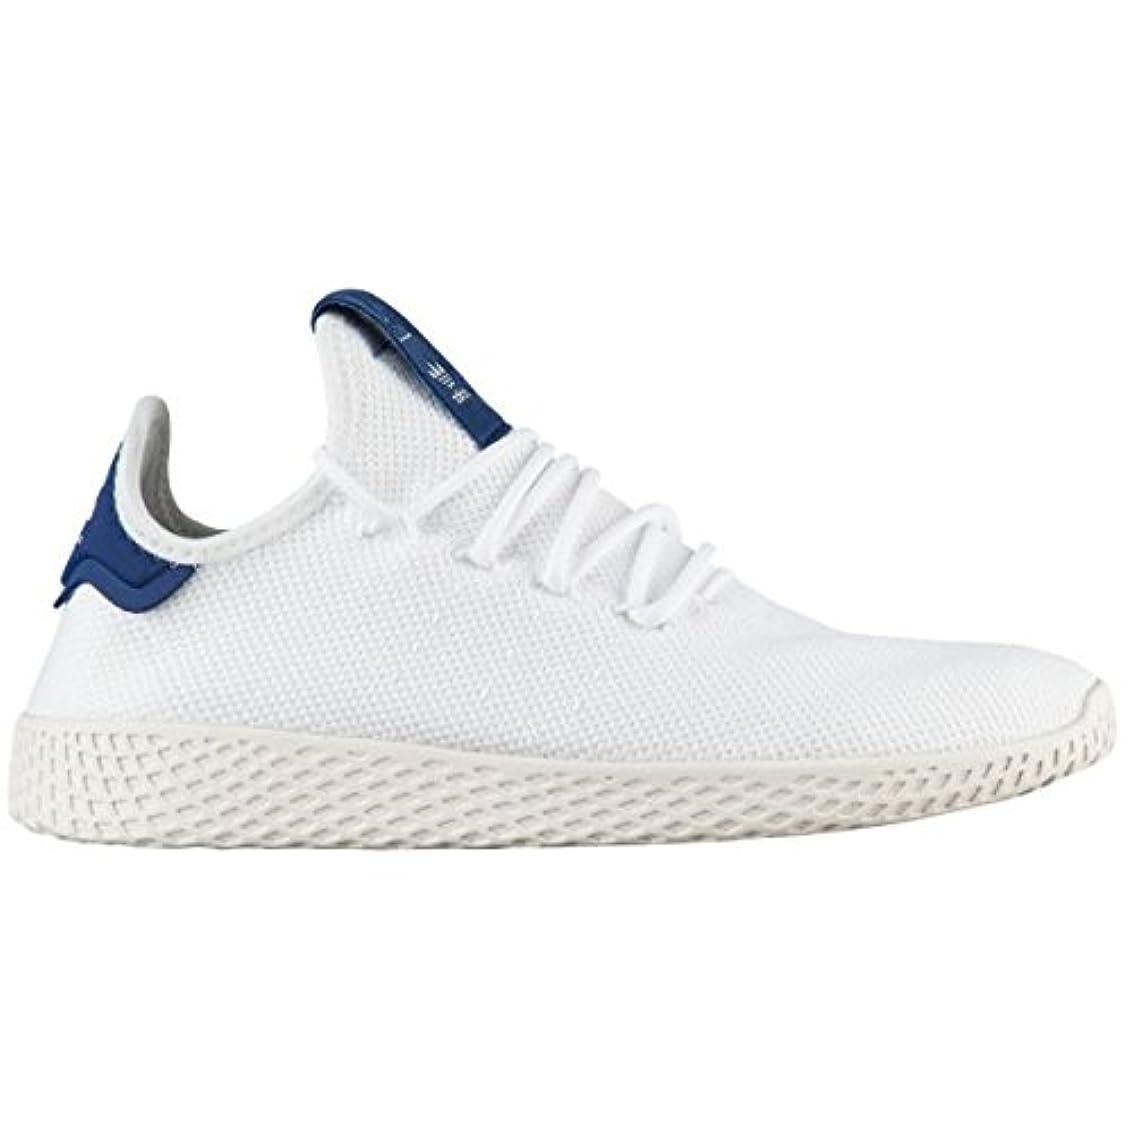 足に関して博覧会(アディダスオリジナルス) adidas Originals PW Tennis HU レディース スニーカー [並行輸入品]